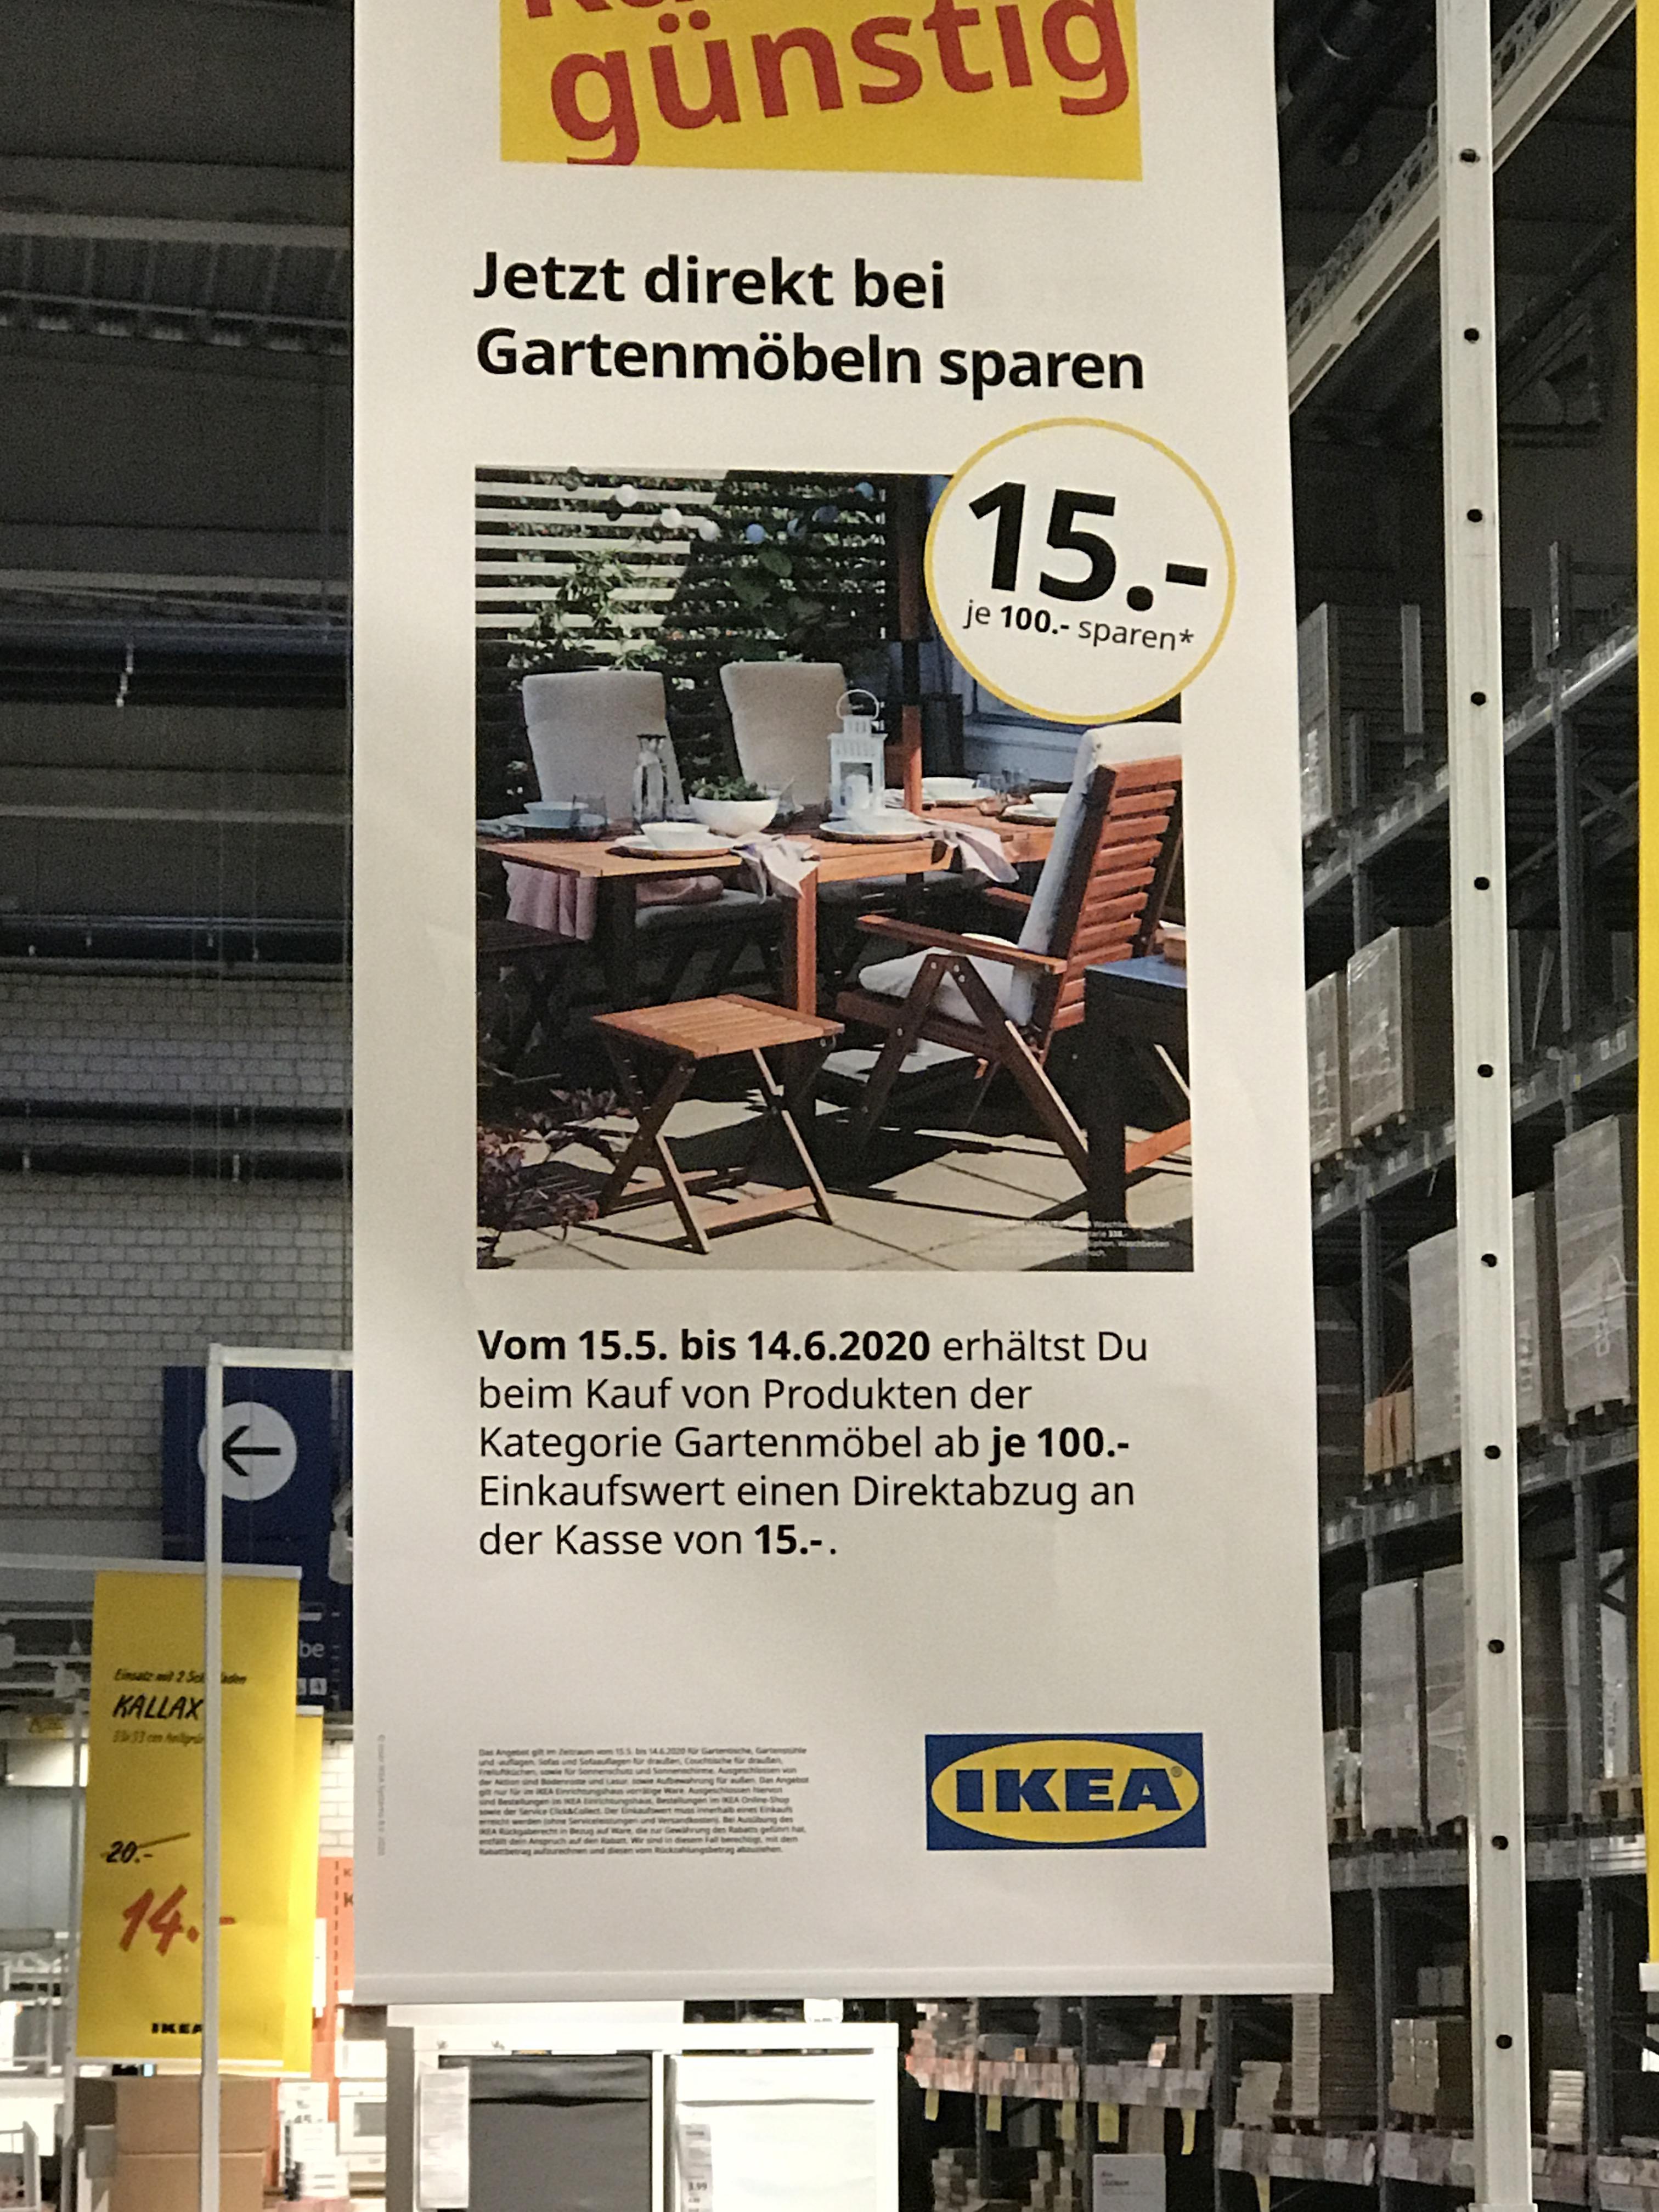 Ikea (evtl. nur Dortmund) Gartenmöbel Aktion je 100€ Einkauf 15€ Rabatt